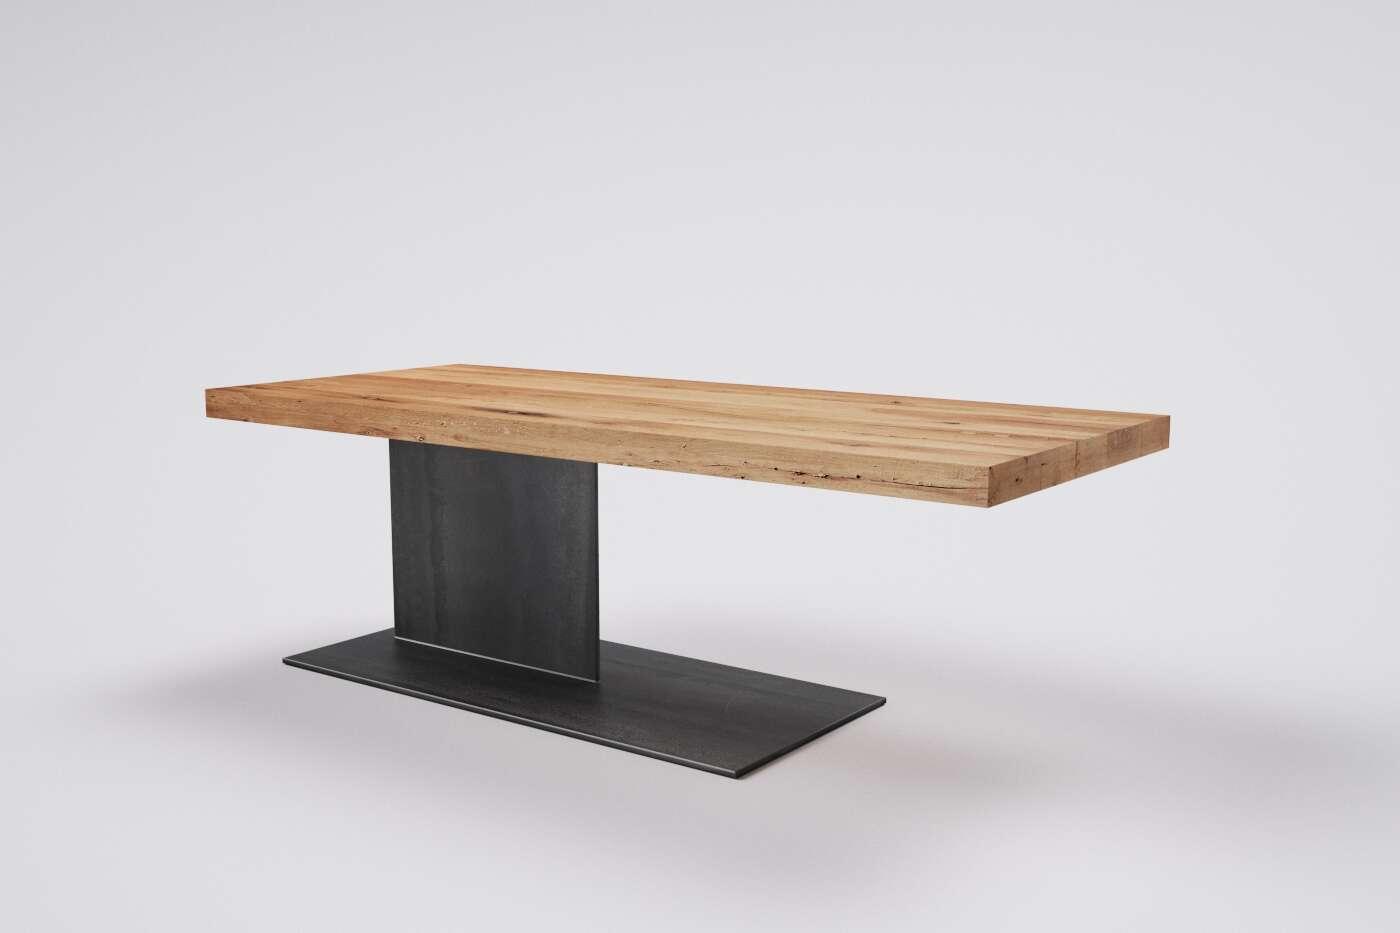 holz eiche metall aufbewahrungsbox 135x70 cm holz dekor eiche. Black Bedroom Furniture Sets. Home Design Ideas